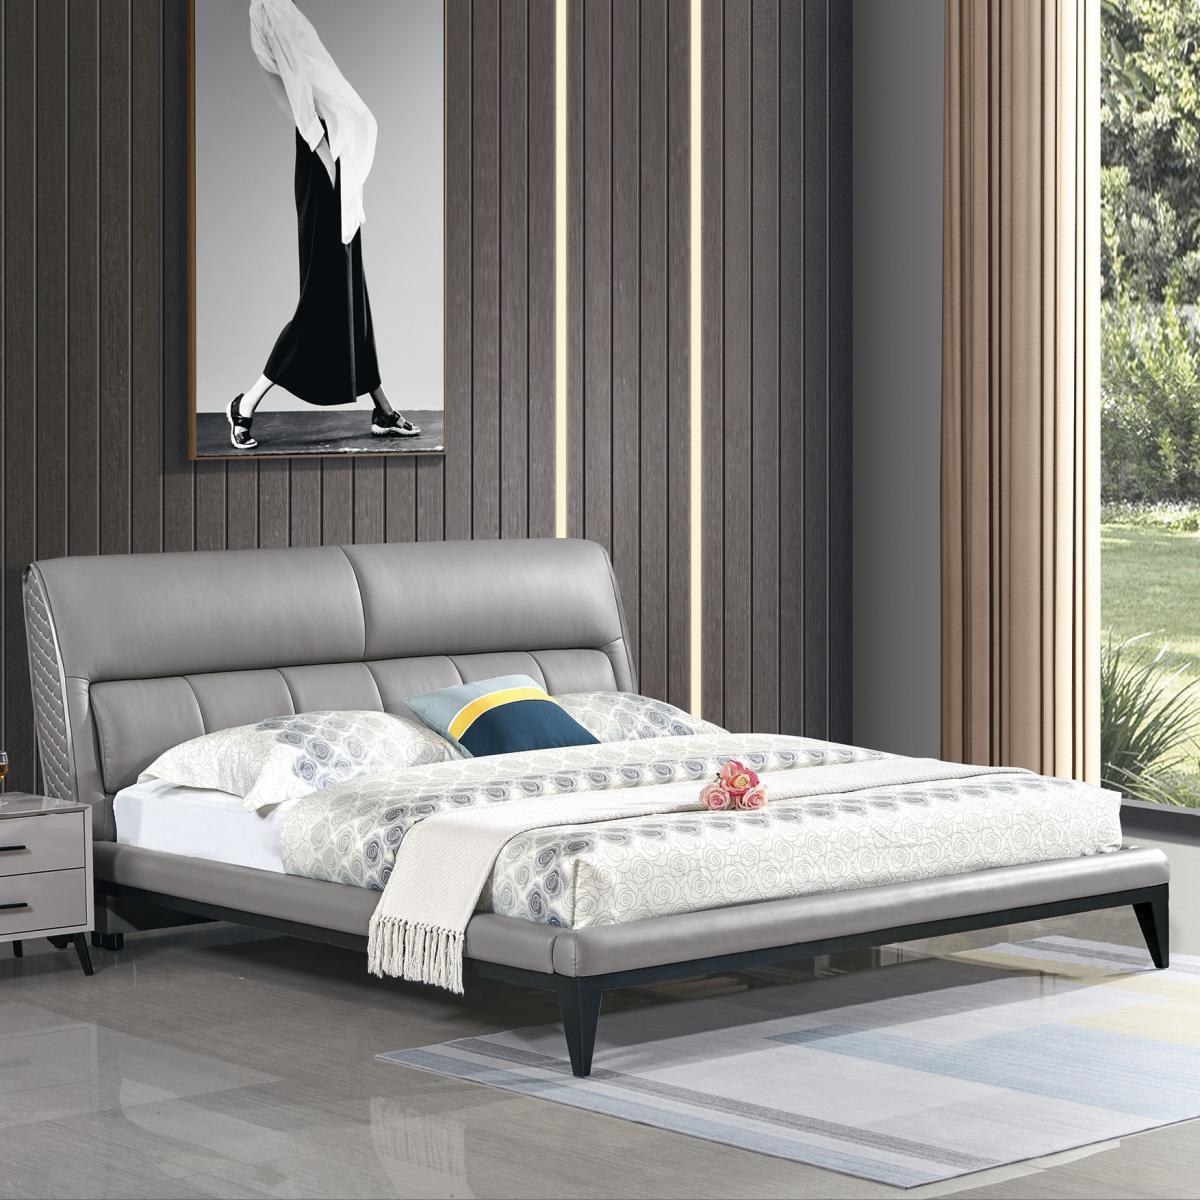 现代简约双人床经济型1.8米1.5米 北欧主次卧框架储物高箱小户型